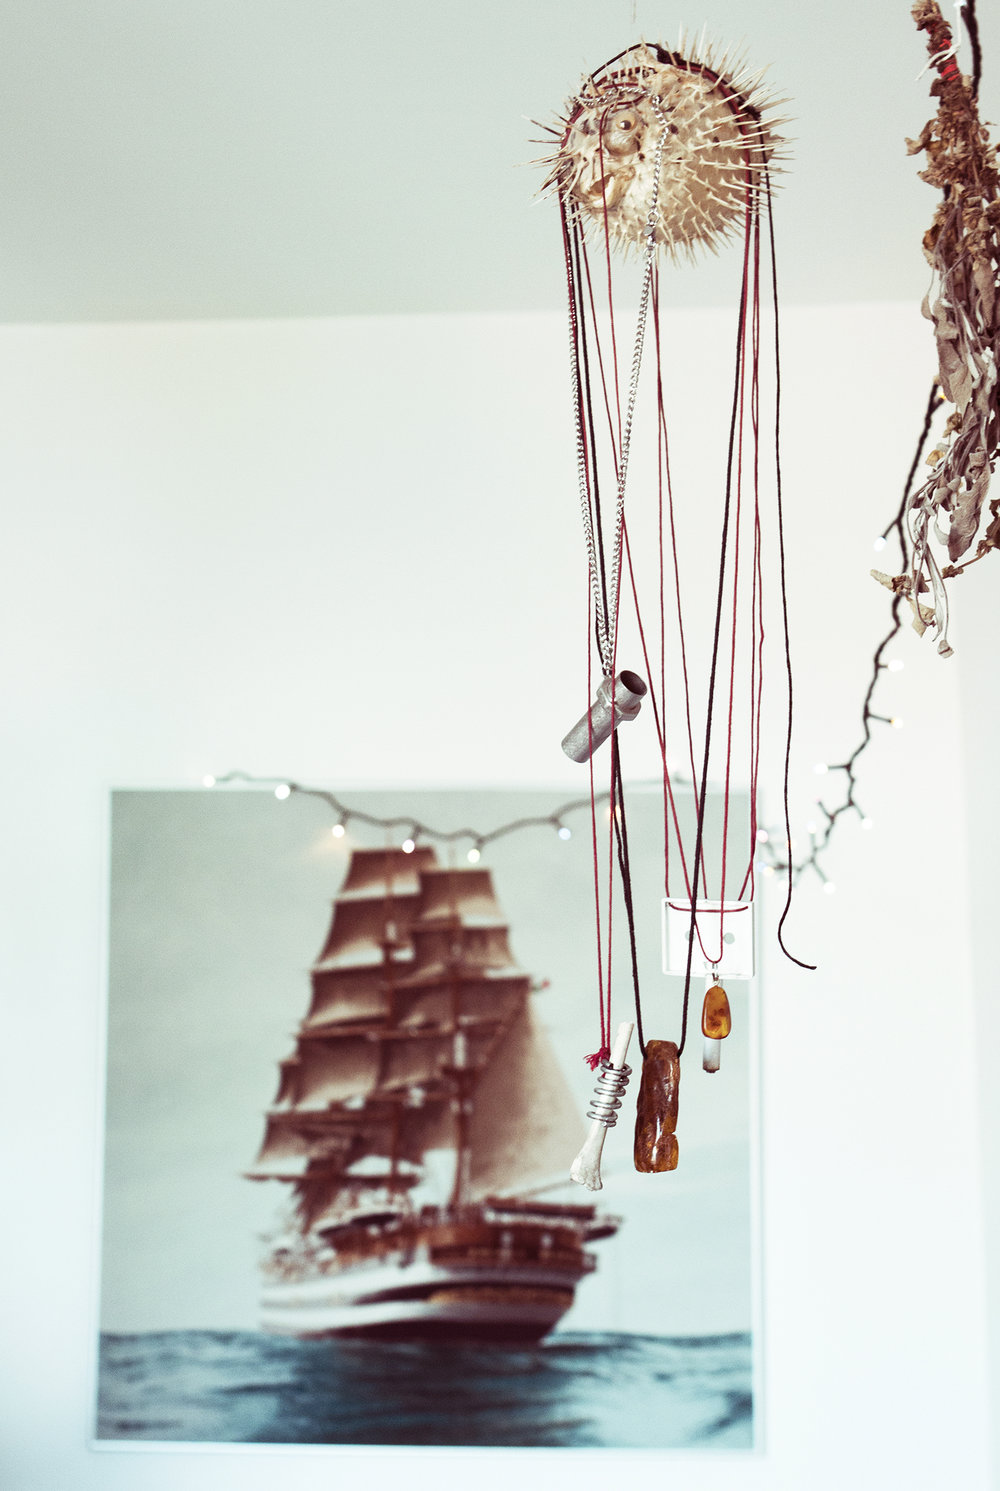 Et udvalg af Hans' andre hjemmelavede kæder. De hænger på en fisk, som han engang har fået af en tysk julemand, som, i følge Hans, lægger gaver i folks sko, hvis de har husket at pudse dem.